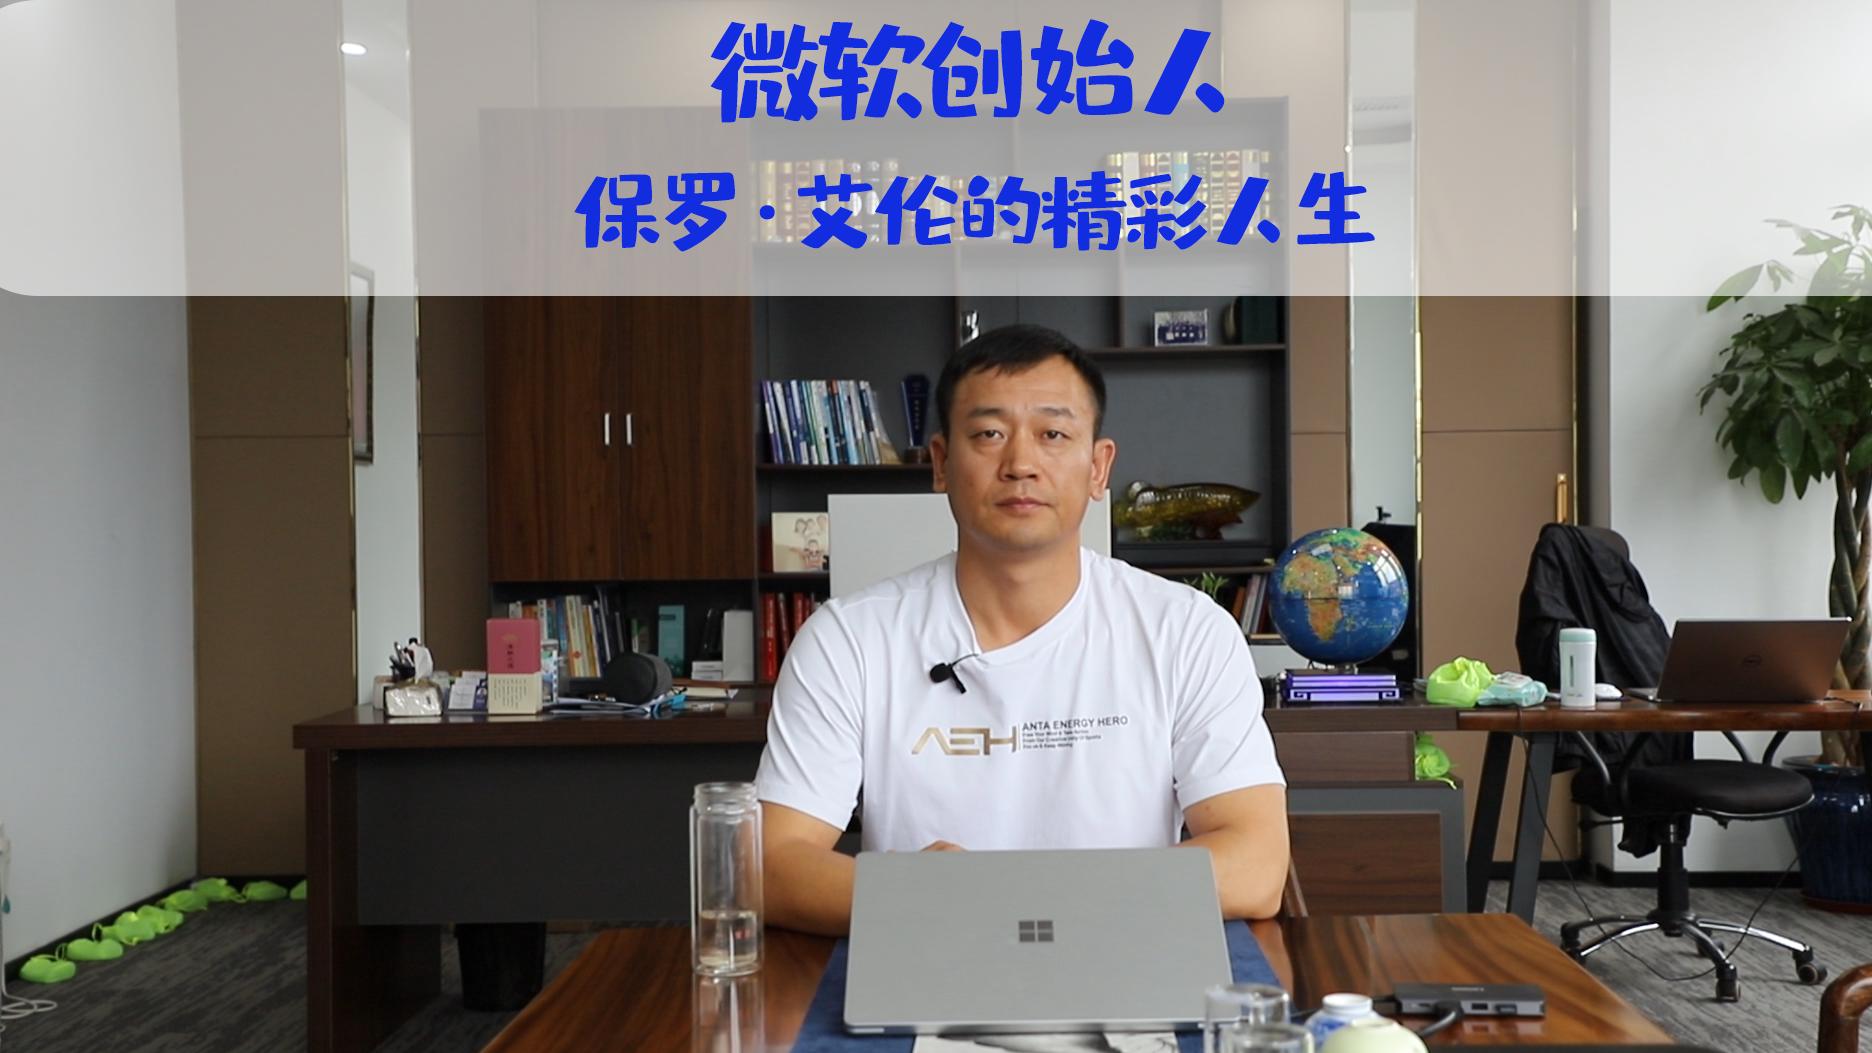 郭天祥—微软创始人保罗·艾伦的精彩人生